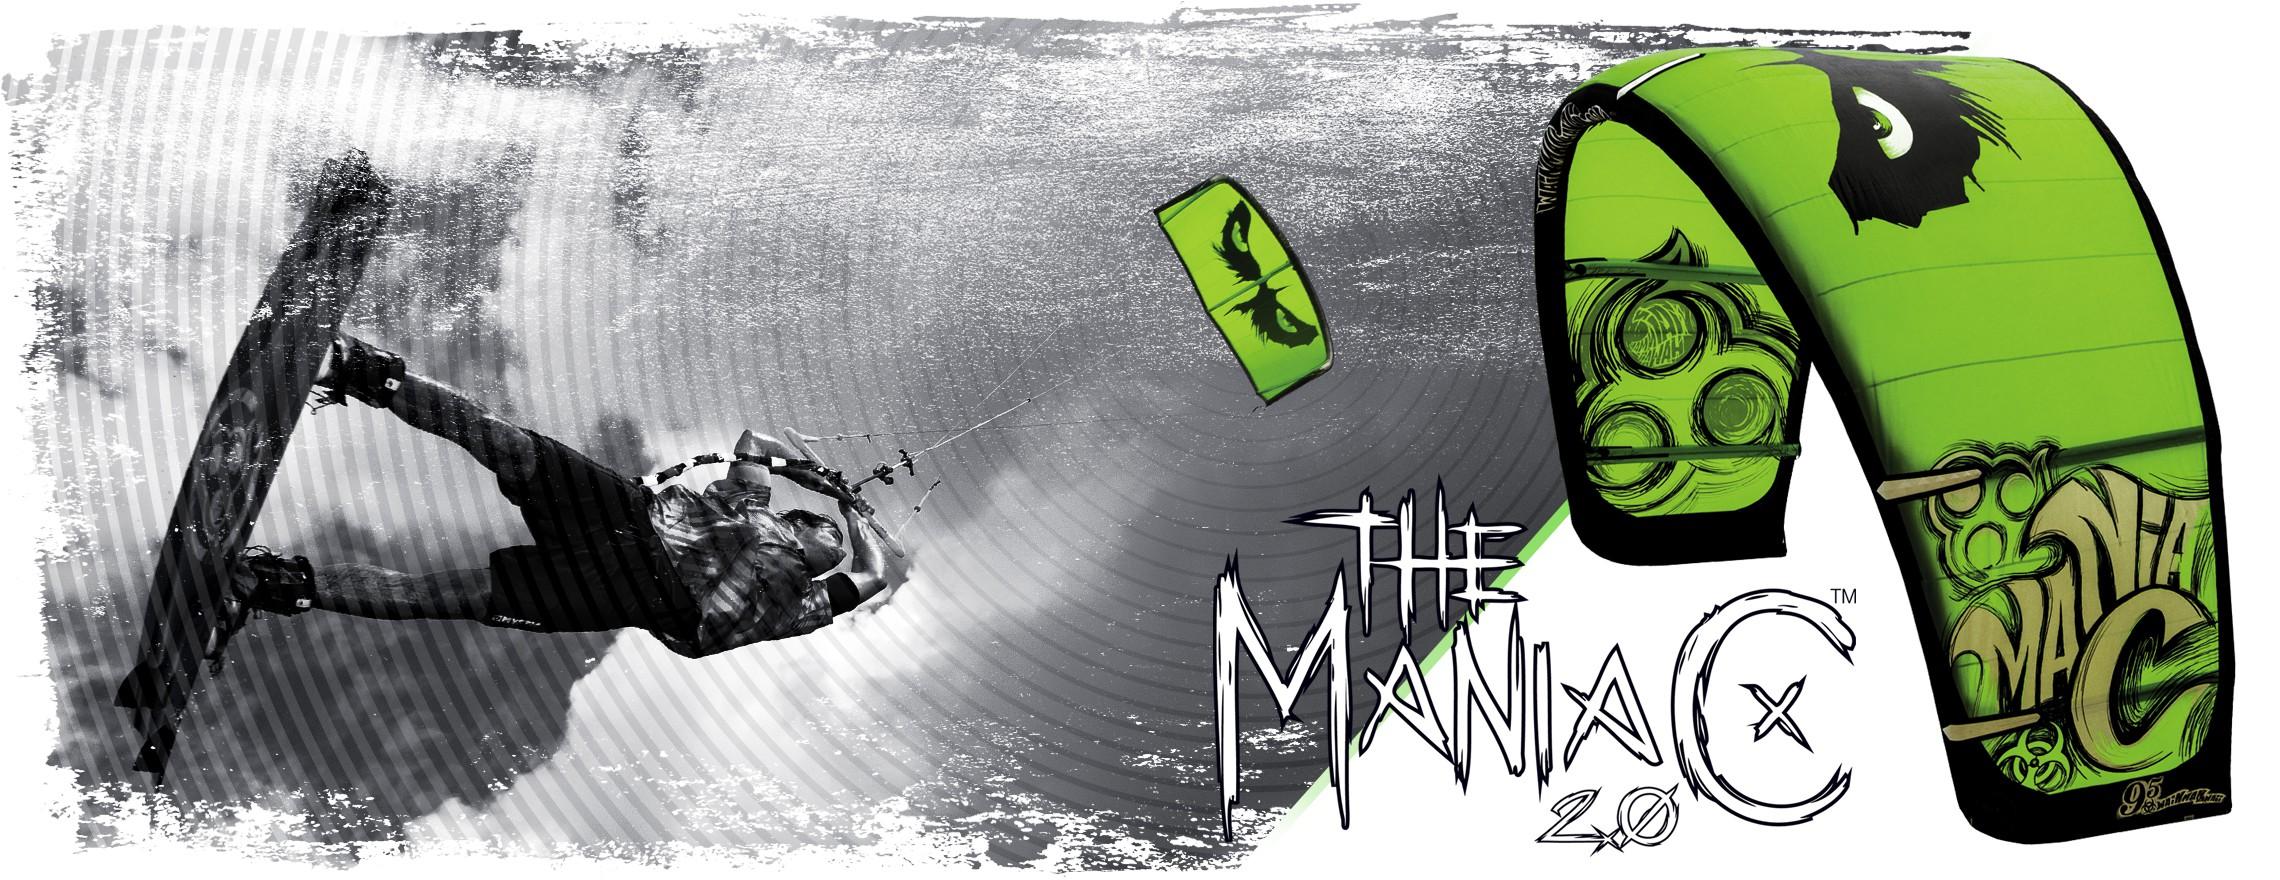 ManiaC 2.0